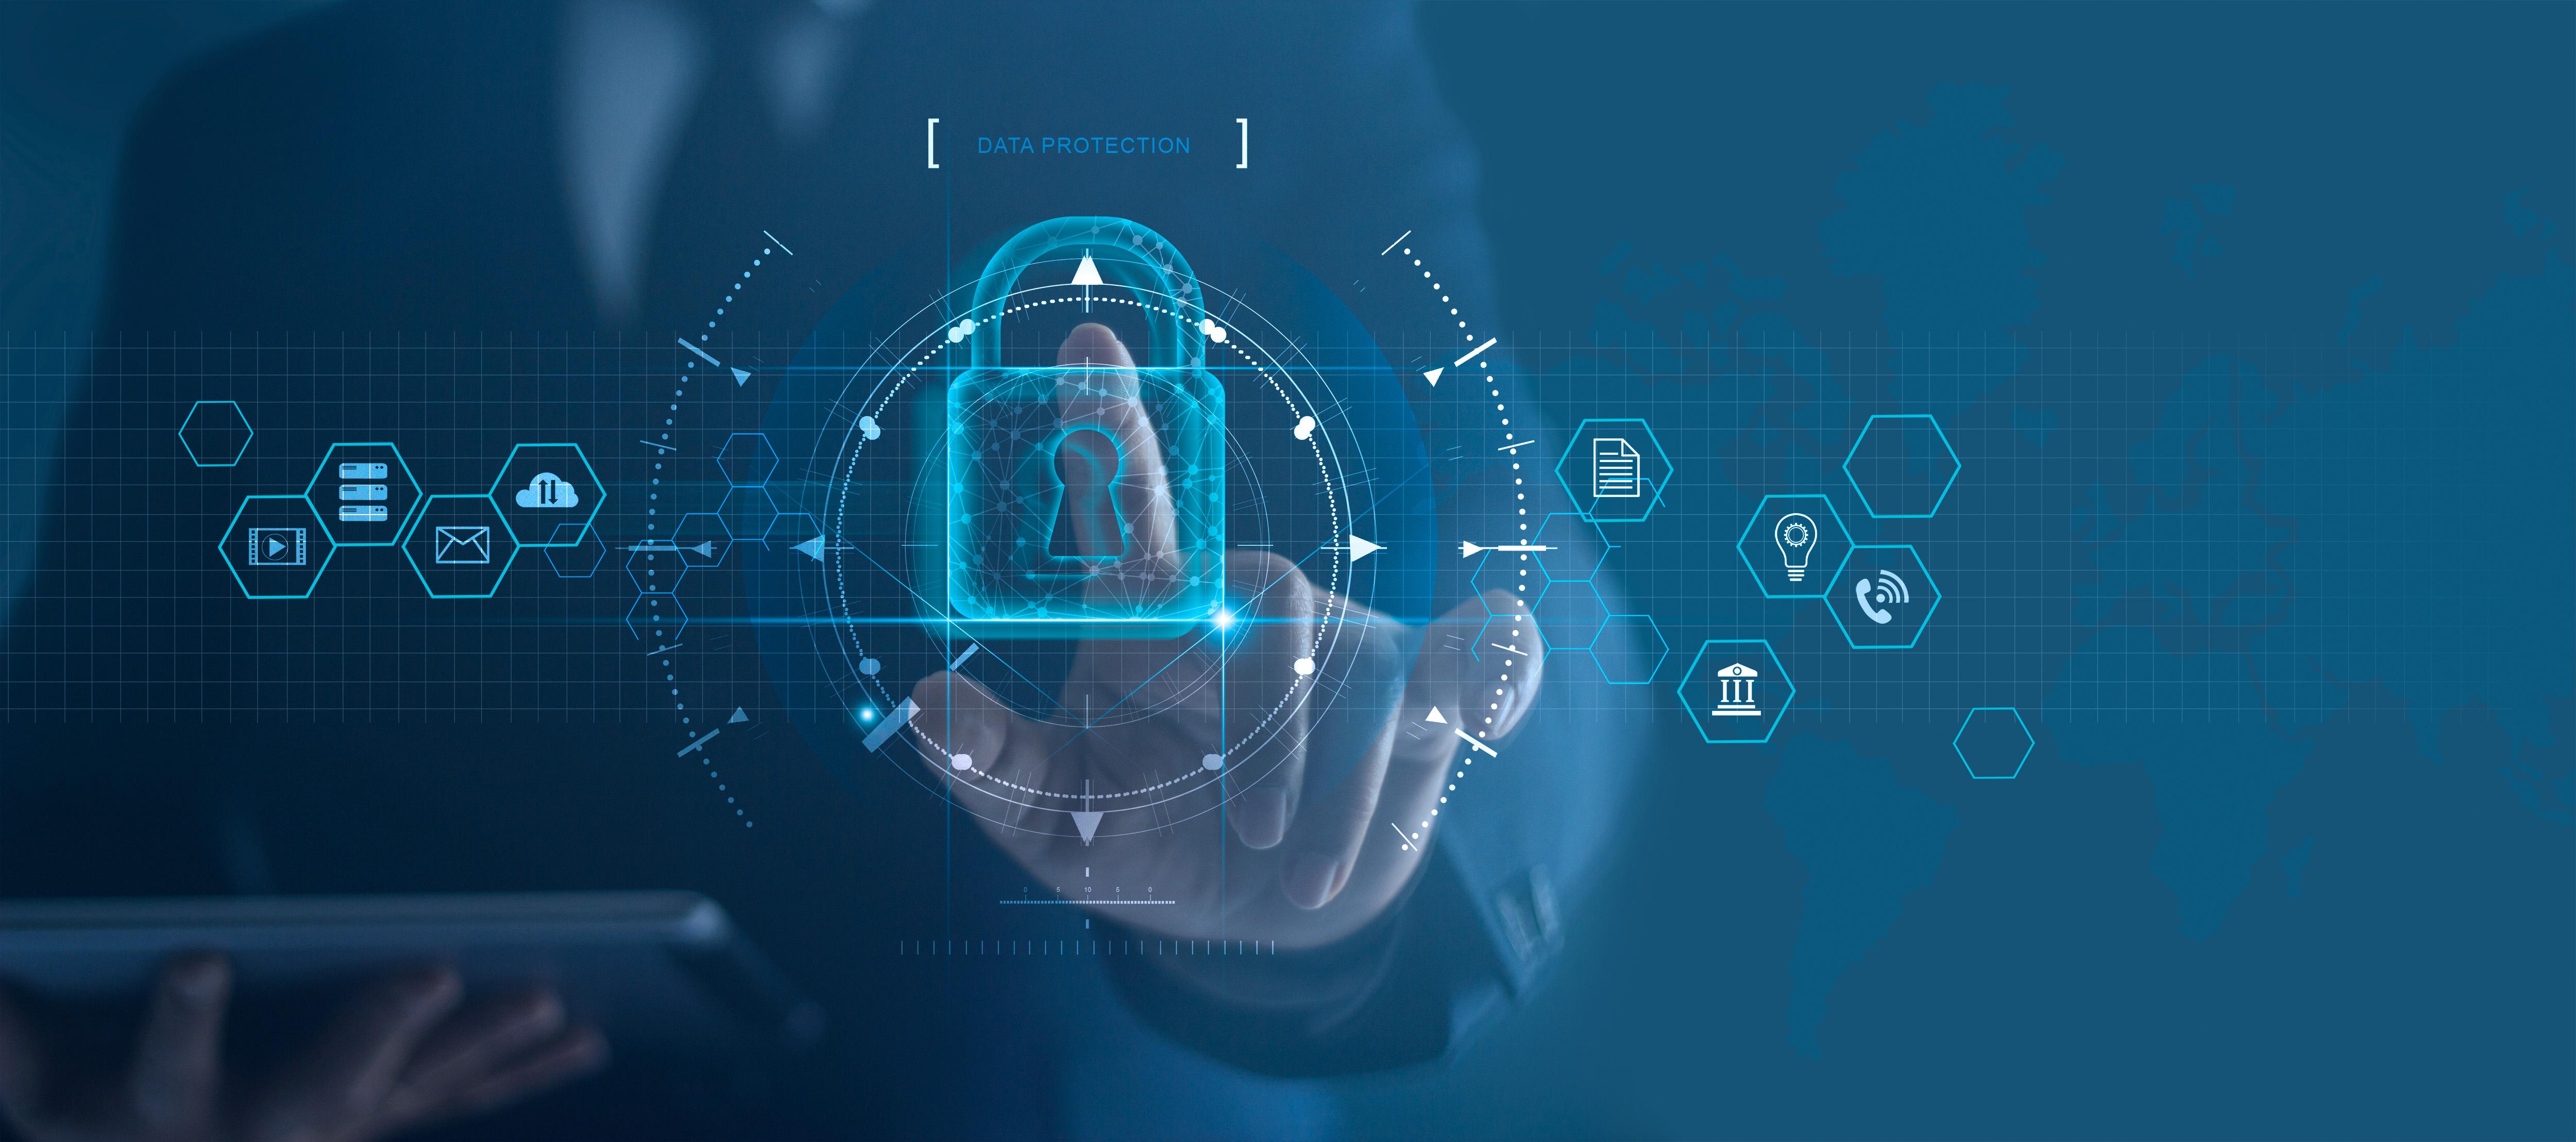 Acronis a achiziționat DeviceLock pentru a oferi o protecție cibernetică mai bună pentru orice afacere